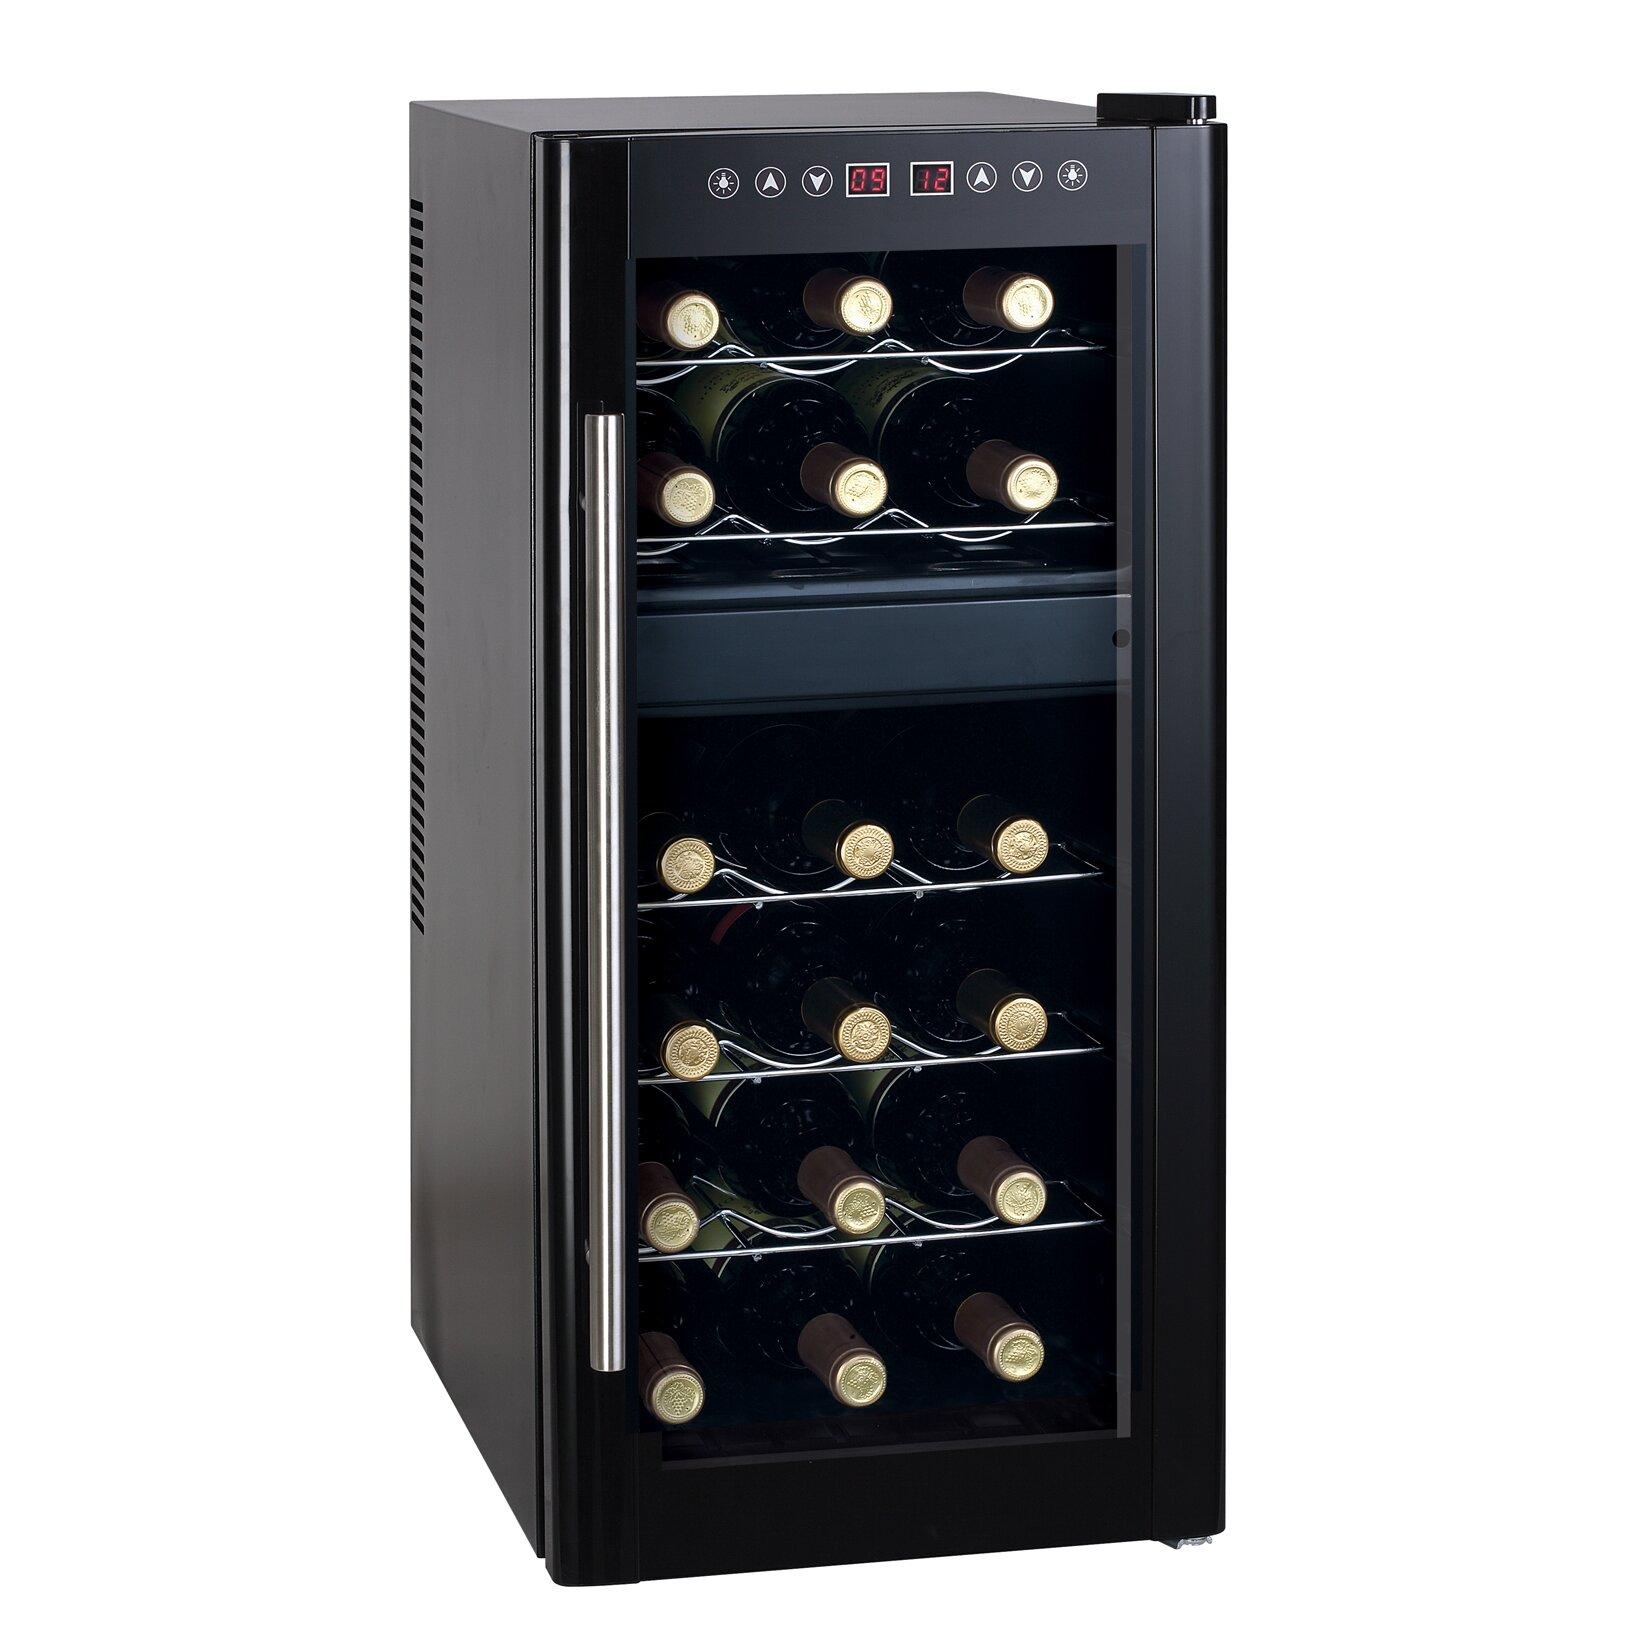 Sunpentown 18 Bottle Dual Zone Freestanding Wine